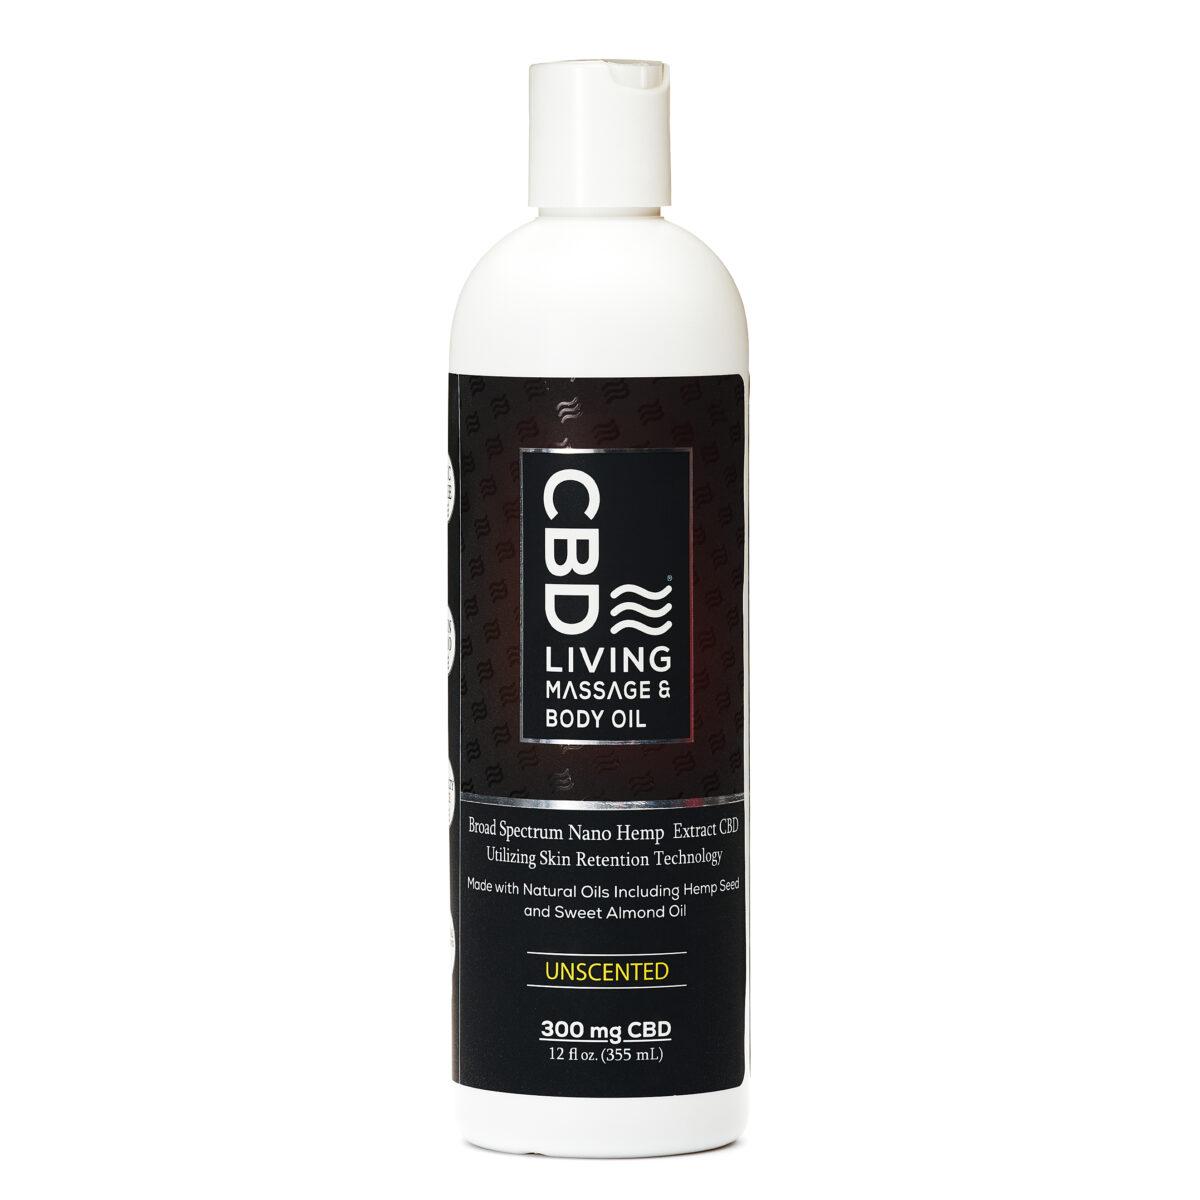 Масло для массажа CBD Massage Oil 300 mg CBD Living